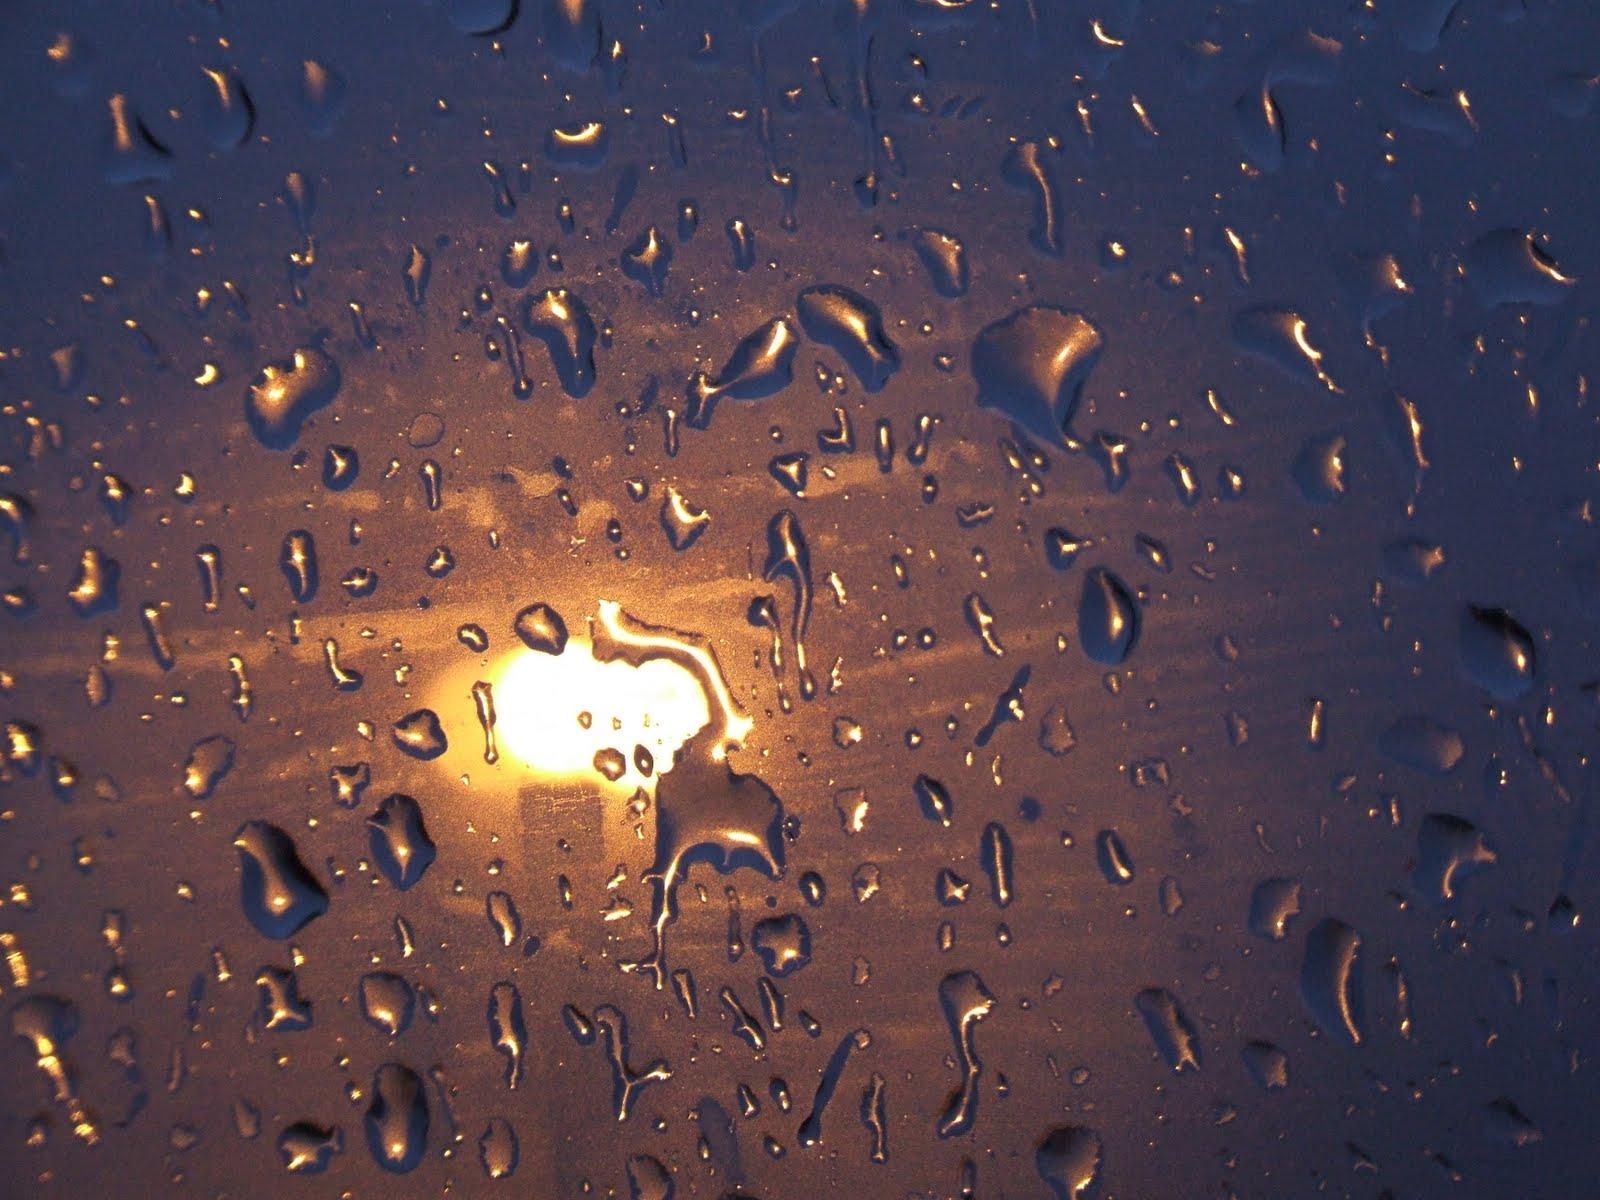 песня дождь стучит по крышам слушать